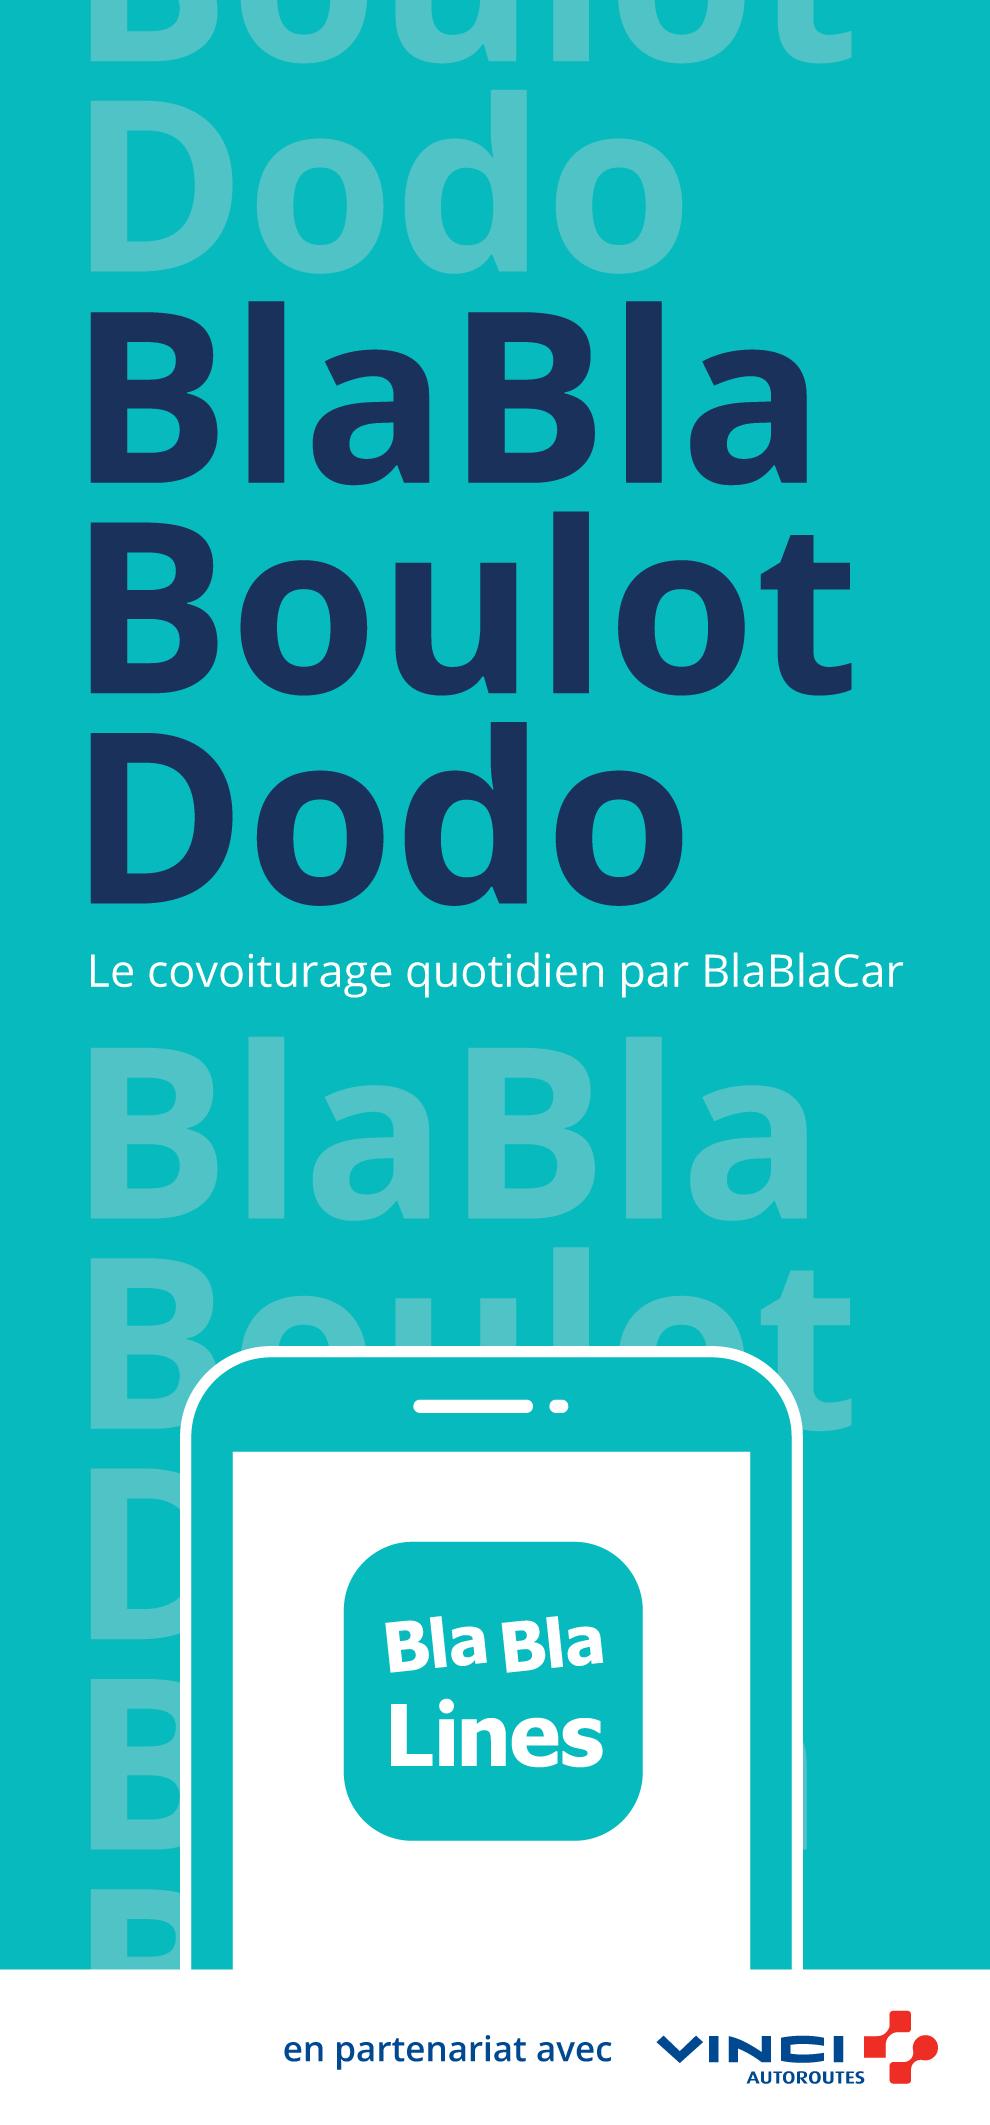 BlaBlaCar : BlaBla.Boulot.Dodo